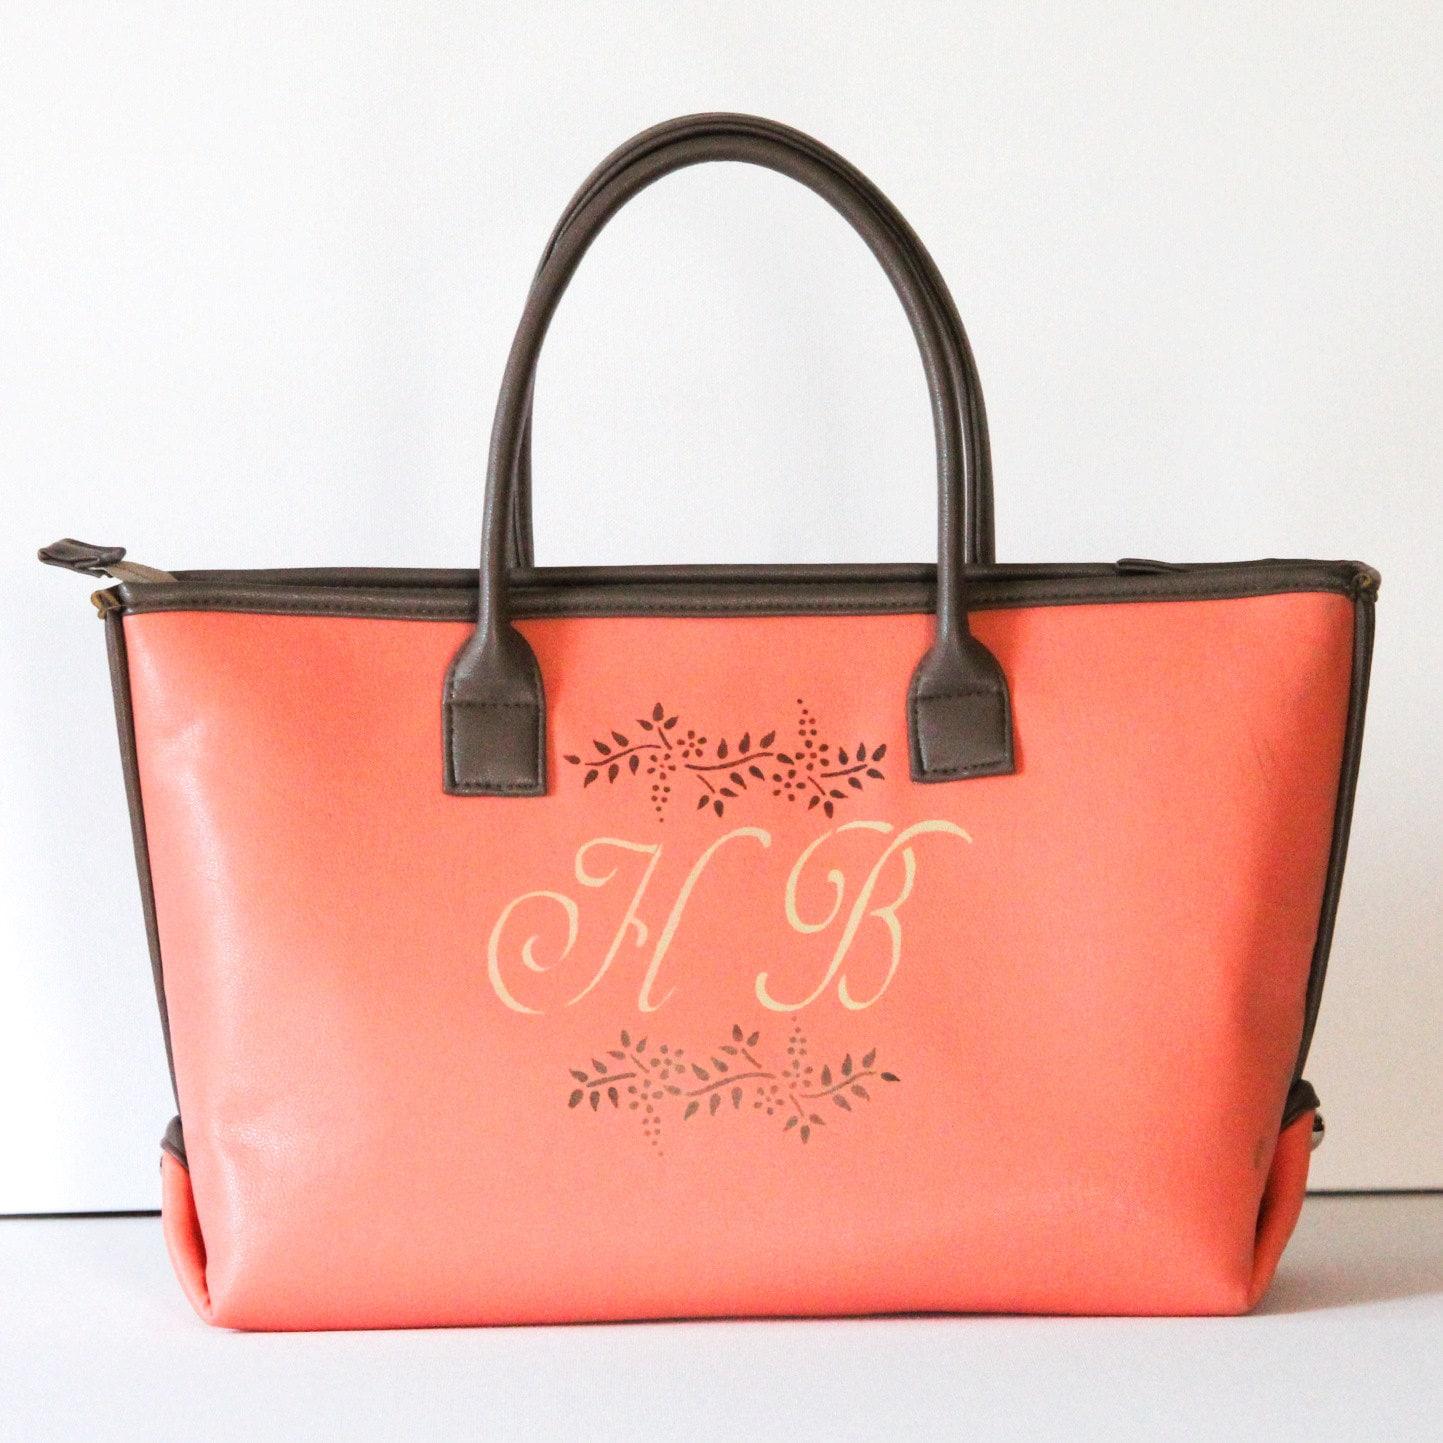 monogram tote bag monogrammed purses vegan leather tote bag